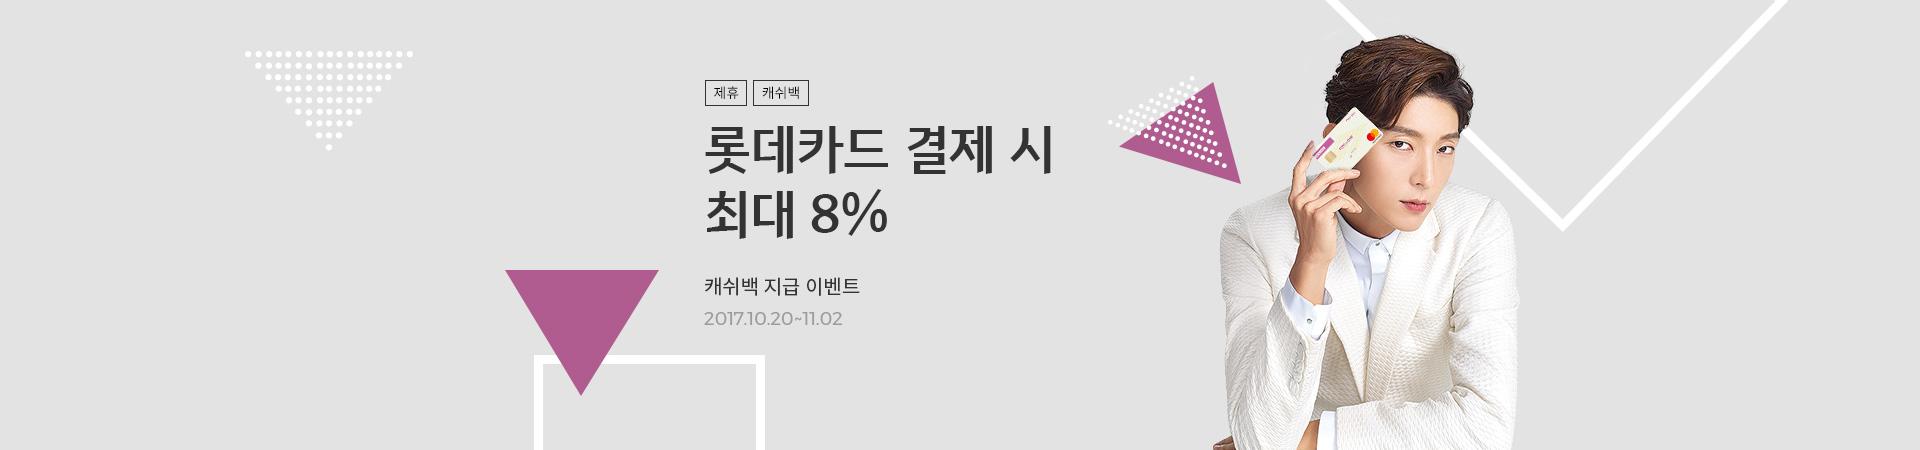 롯데카드 8% 캐쉬백